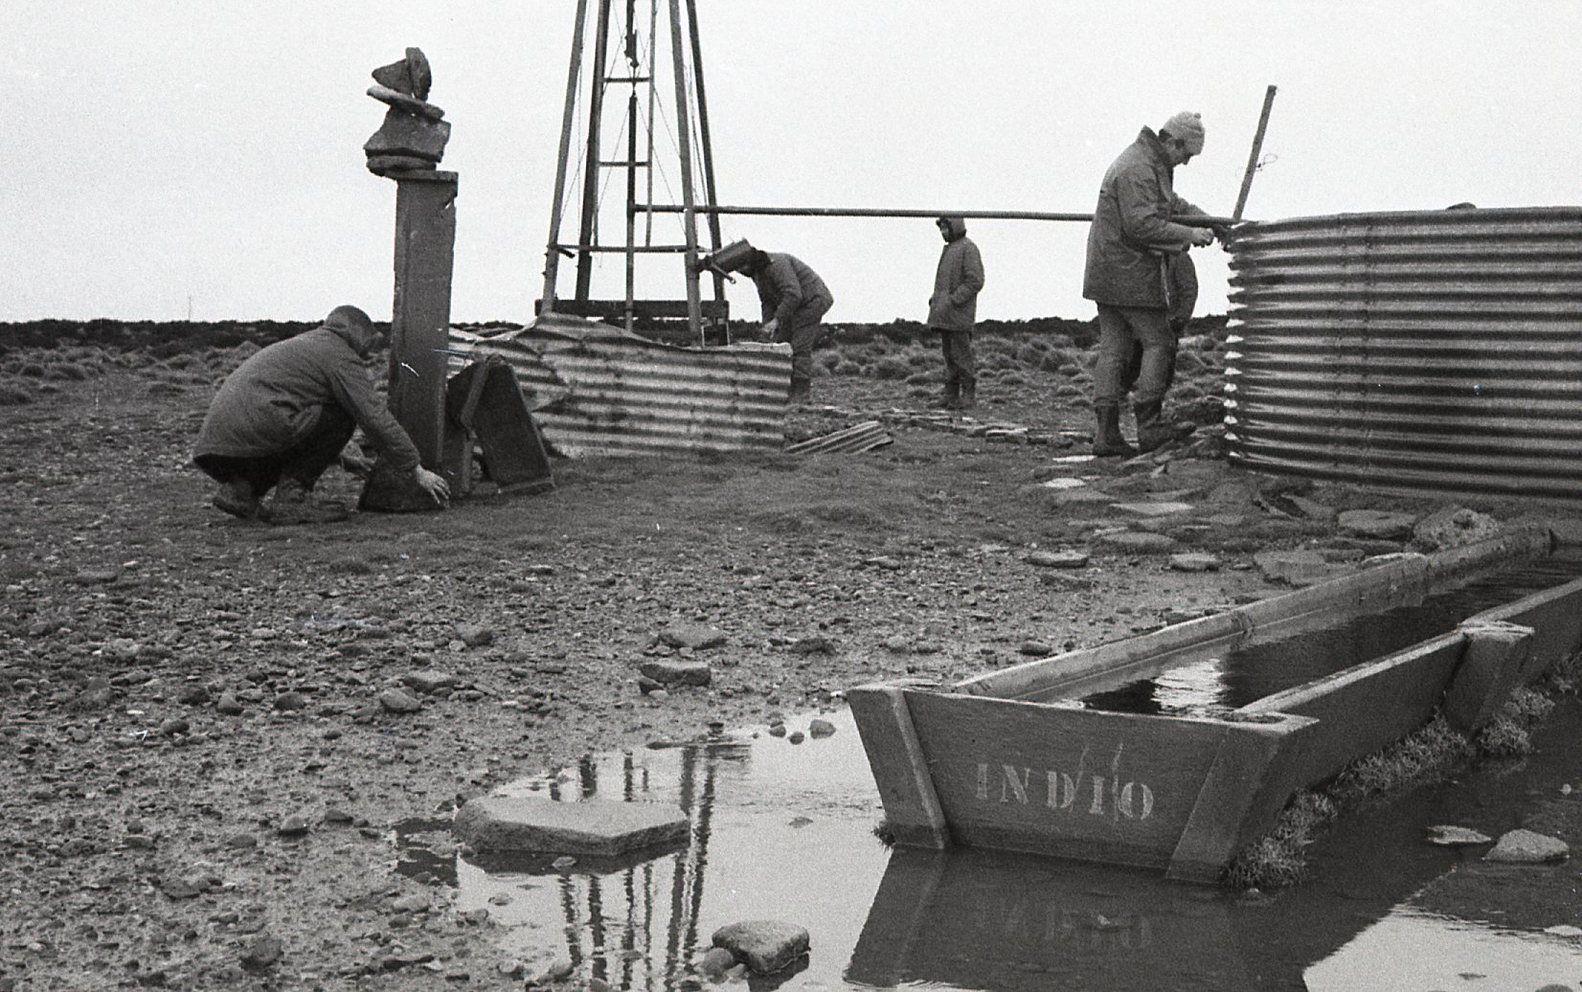 Travesía de Amereida, 2 de Agosto de 1965. Molino camino a Piedrabuena. Foto: © Archivo Ciudad Abierta / Corporación Cultural Amereida